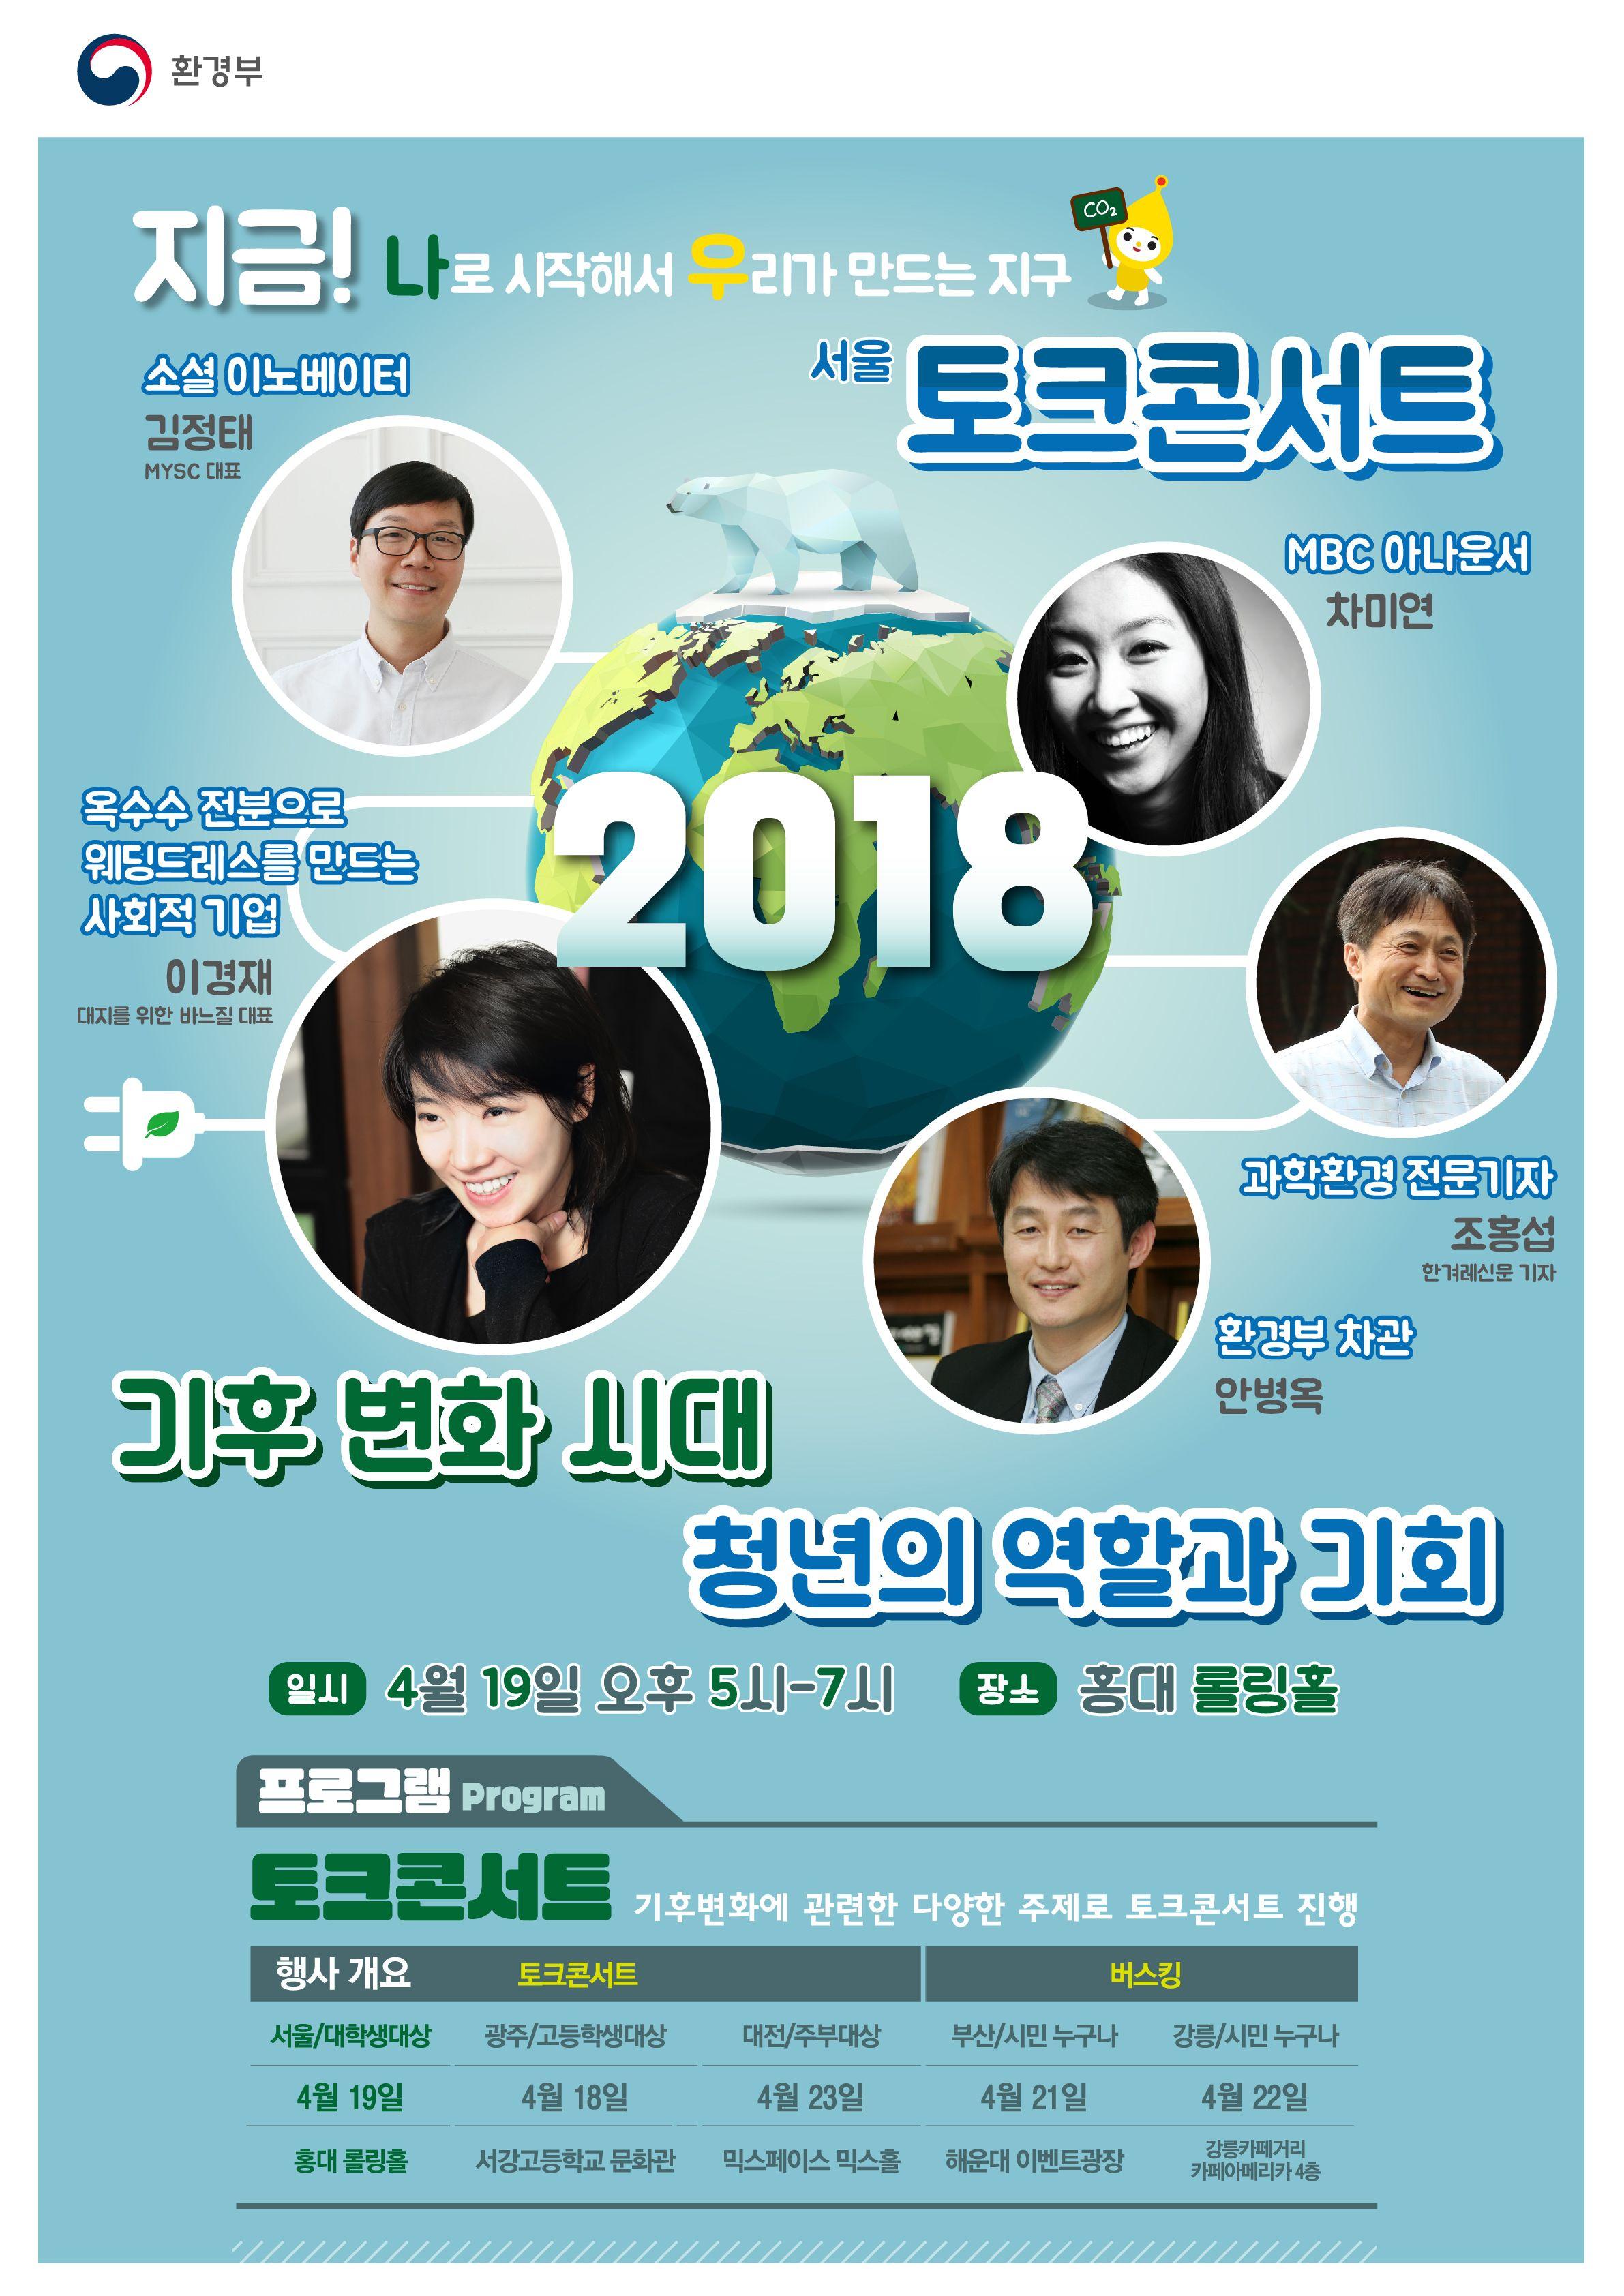 [재단법인 기후변화센터] 환경부 2018 기후변화 토크콘서트